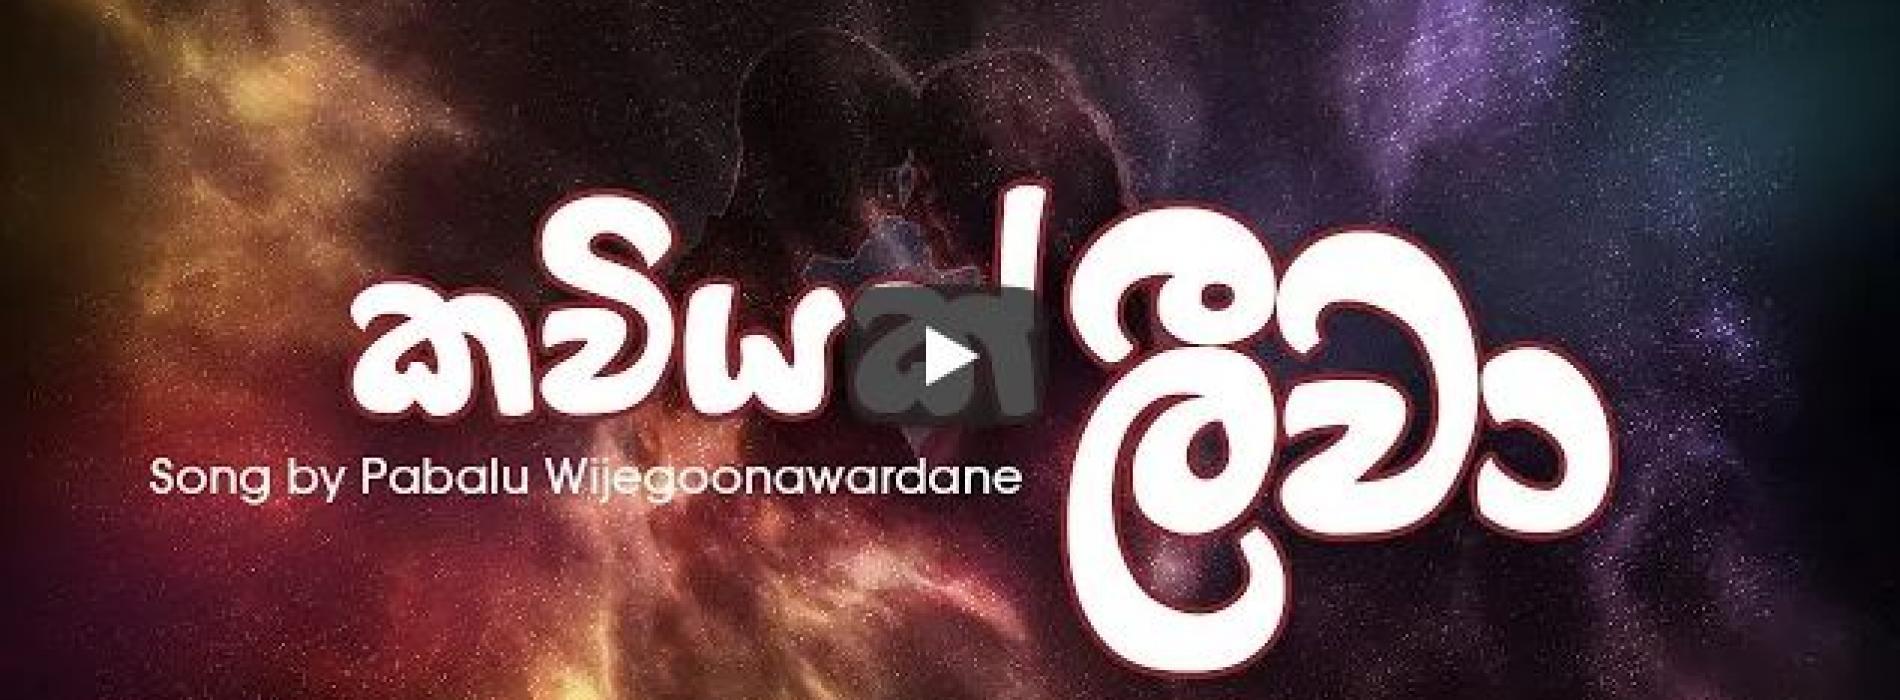 New Music : Pabalu Wijegoonawardane – කවියක් ලීවා… Kaviyak Leeva